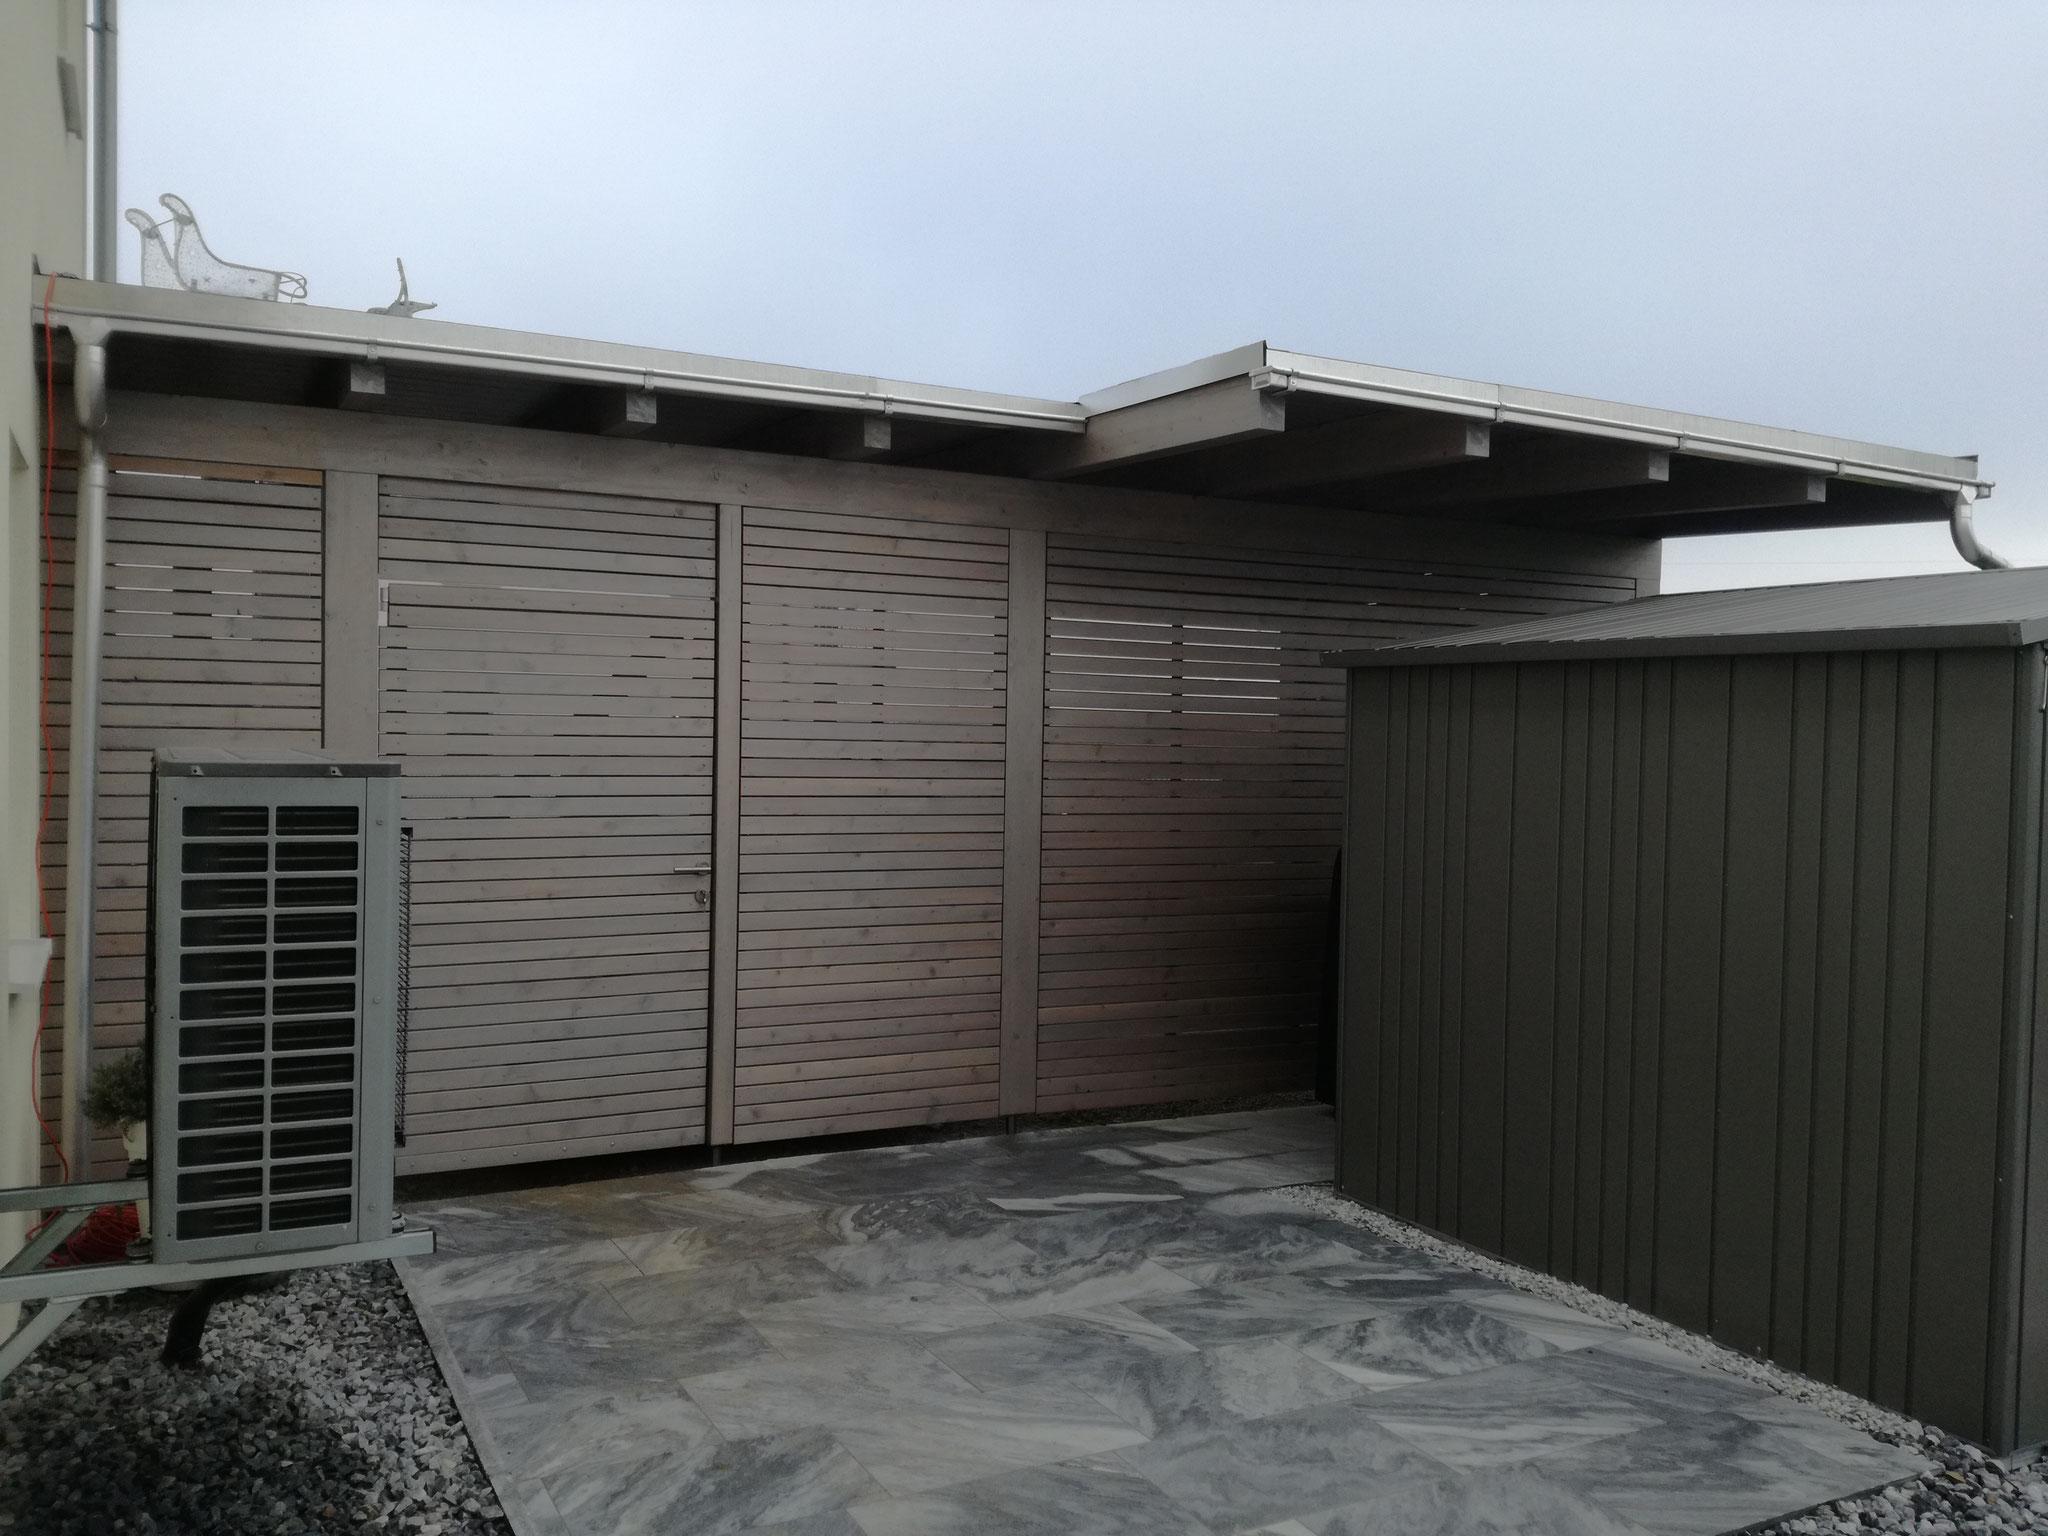 Carport mit Sichtschutzzaun und Resitrix Dacheindeckung